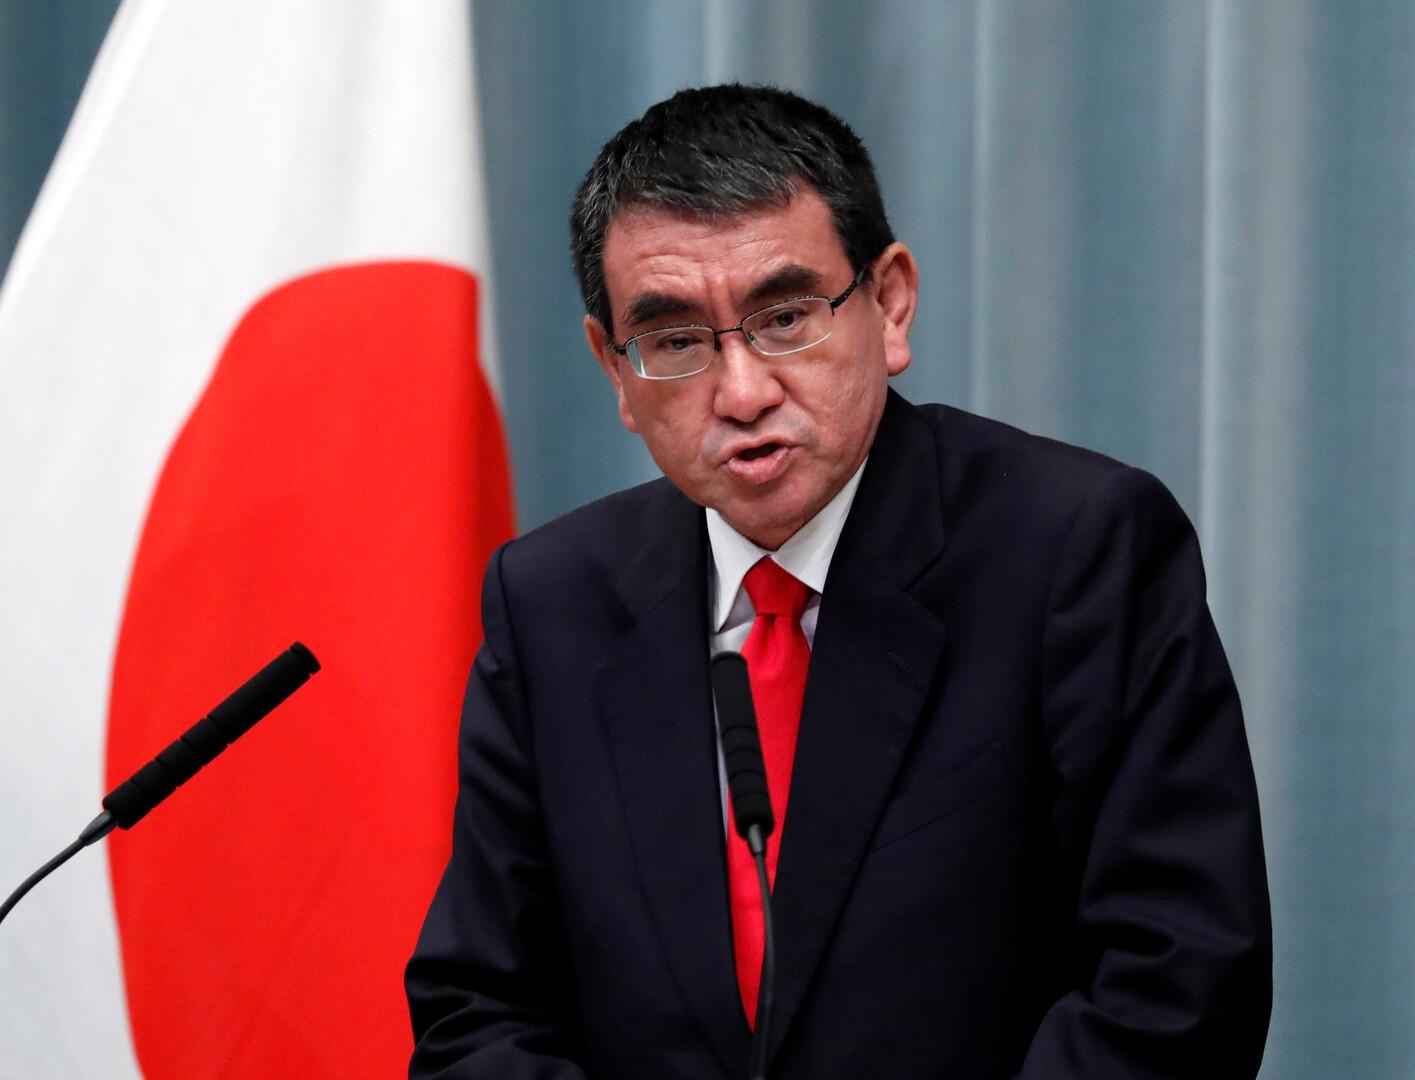 وزير الدفاع الياباني: لسنا على علم بأي تورط إيراني في هجوم